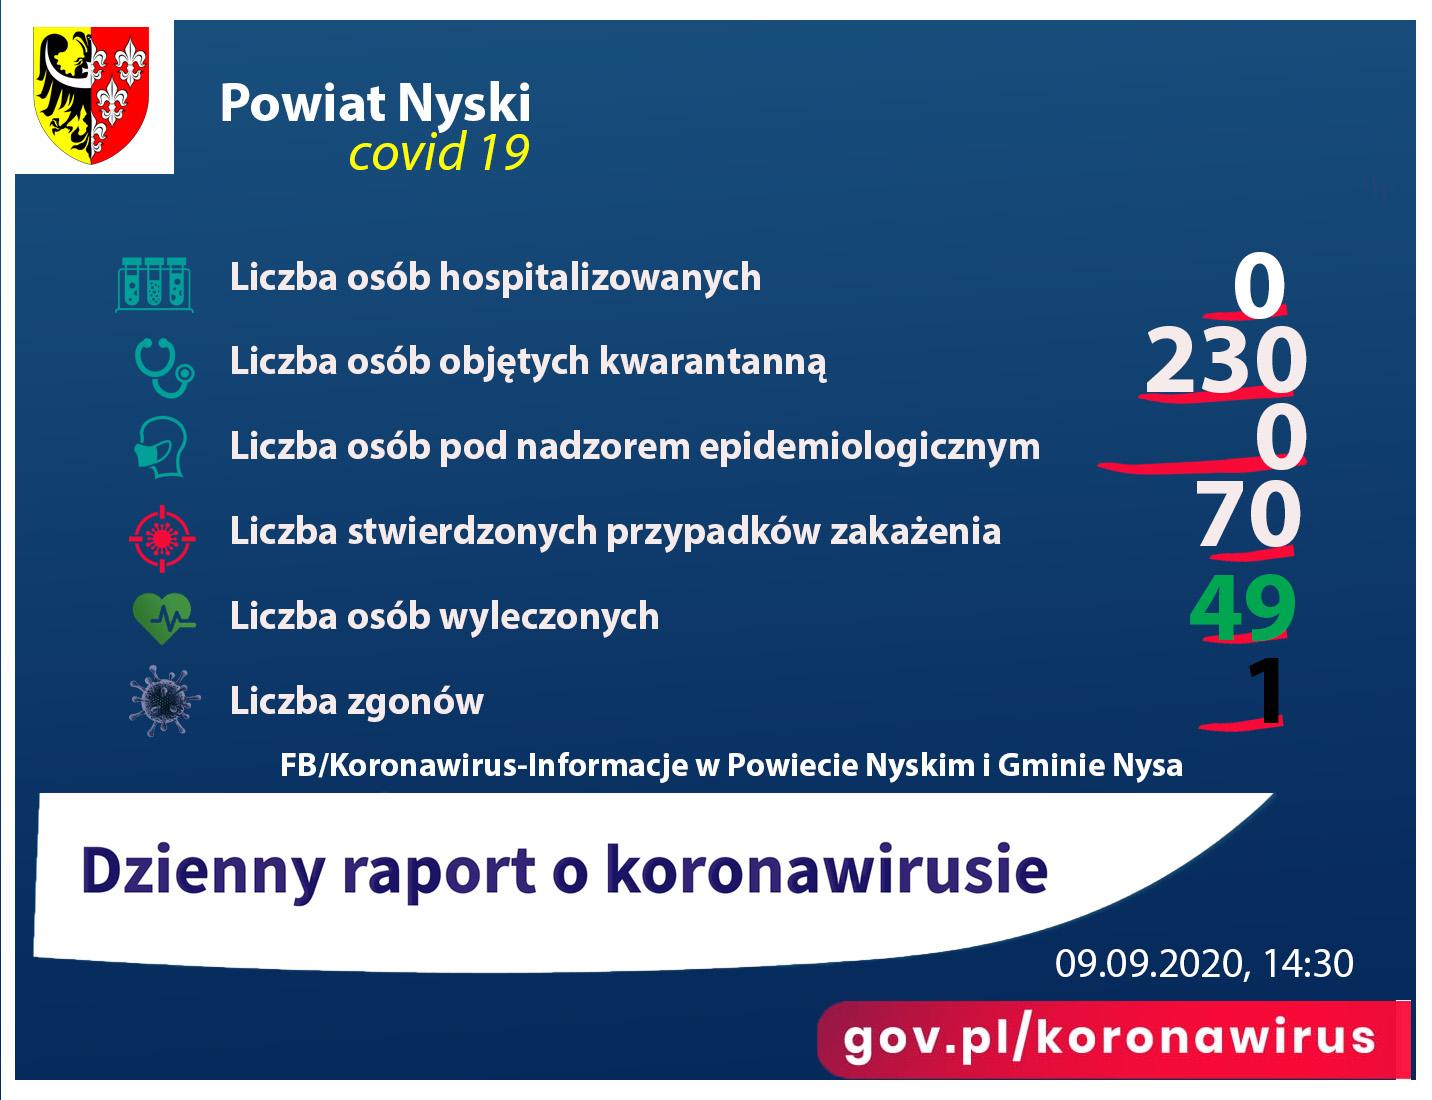 Raport przedstawia liczbę osób zakażonych koronawirusem, hospitalizowanych.